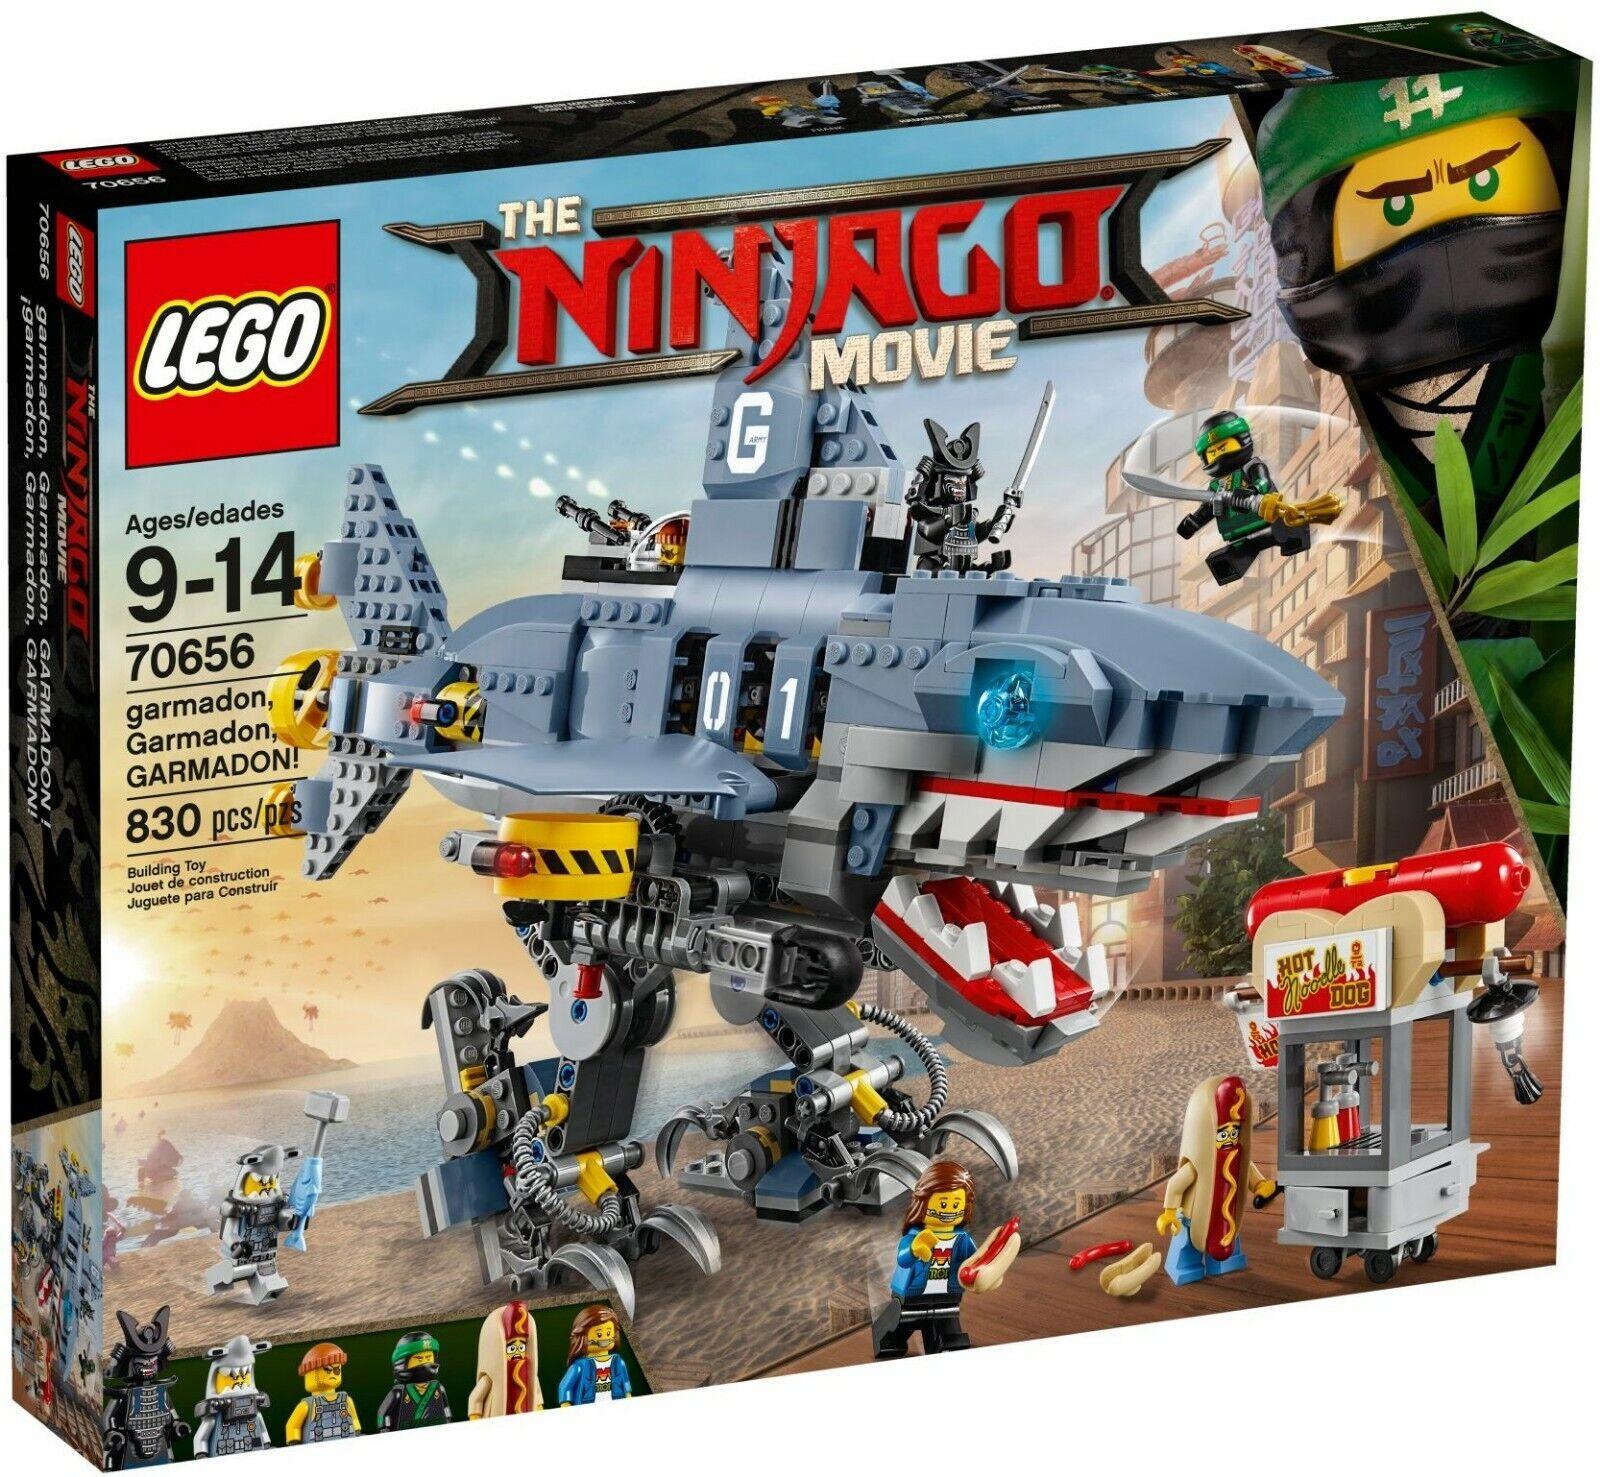 Lego Lego Lego 70656-Ninjago-Garmadon, Garmadon, Garmadon  (lego ninjago movie) 08f962